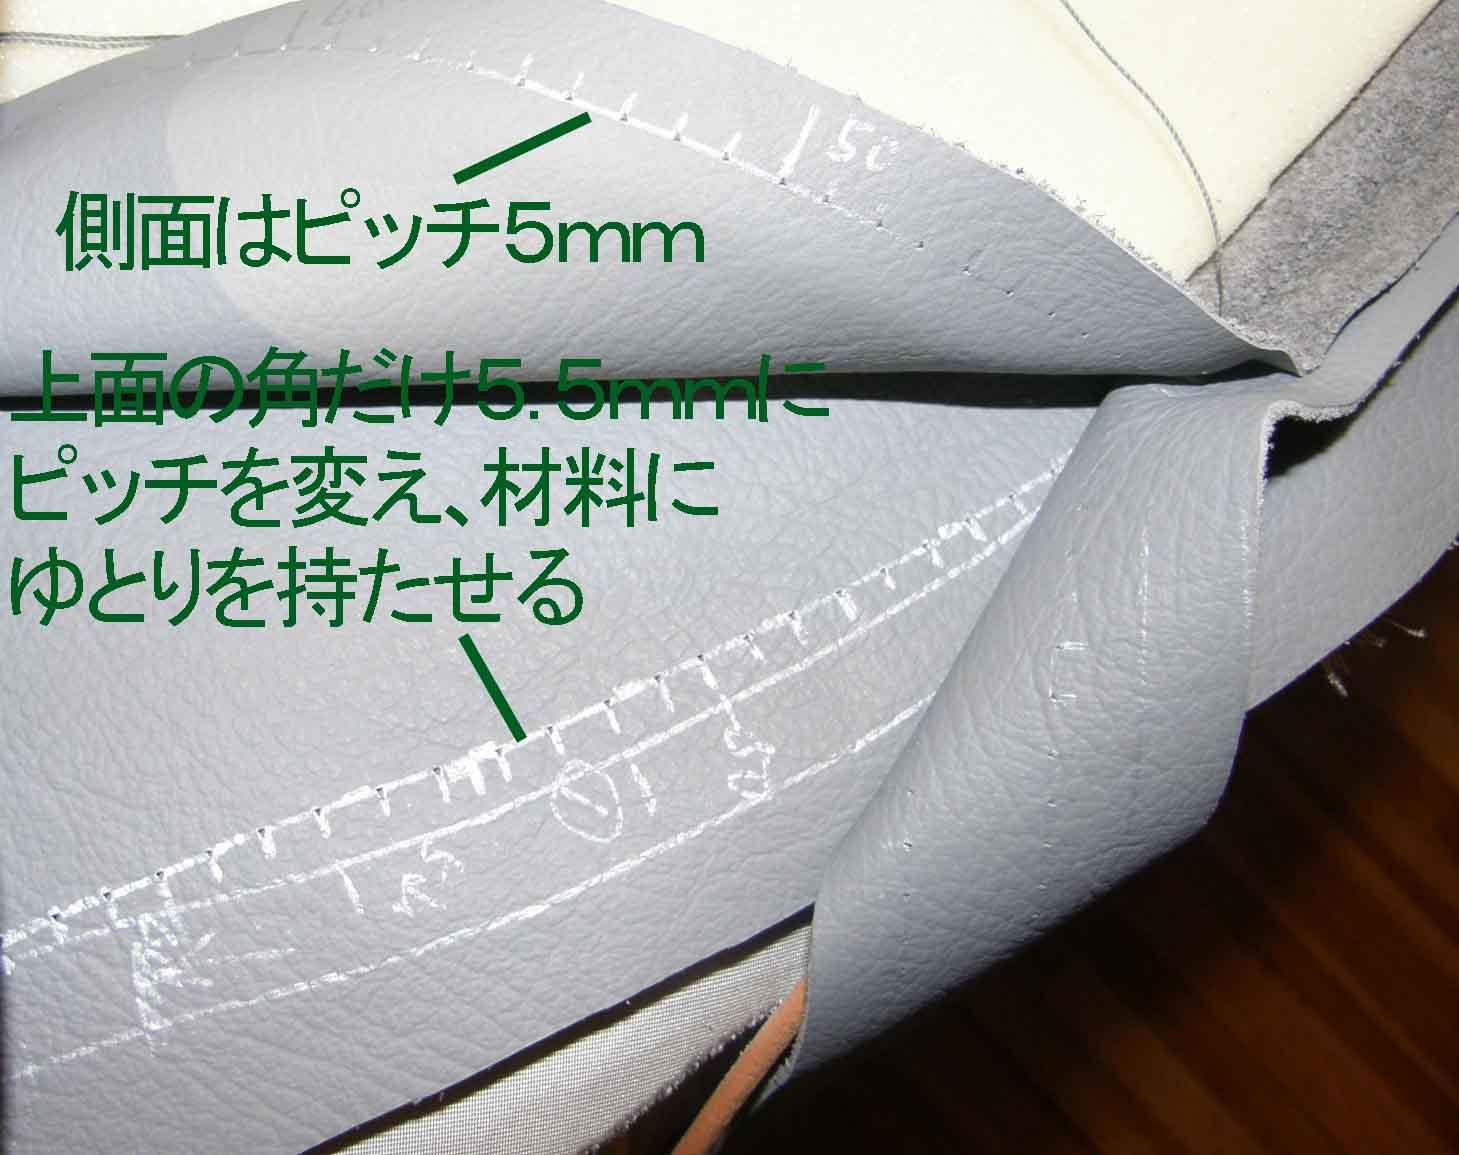 P1070241のコピー.jpg